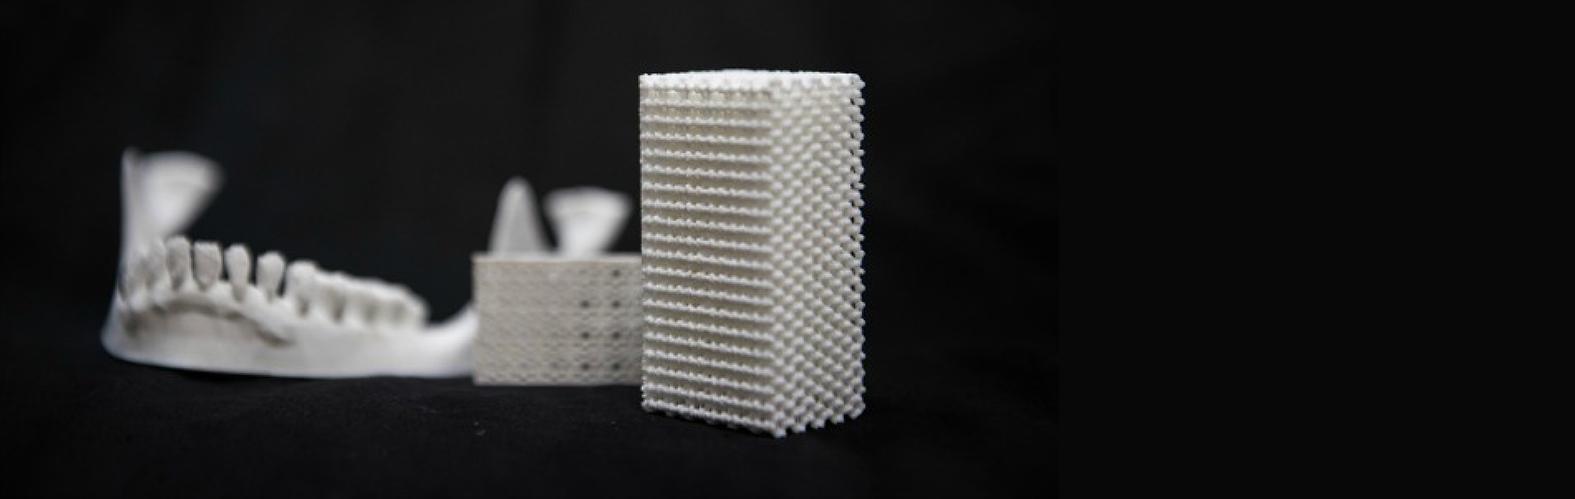 پرینت 3 بعدی مدل جراحی فک